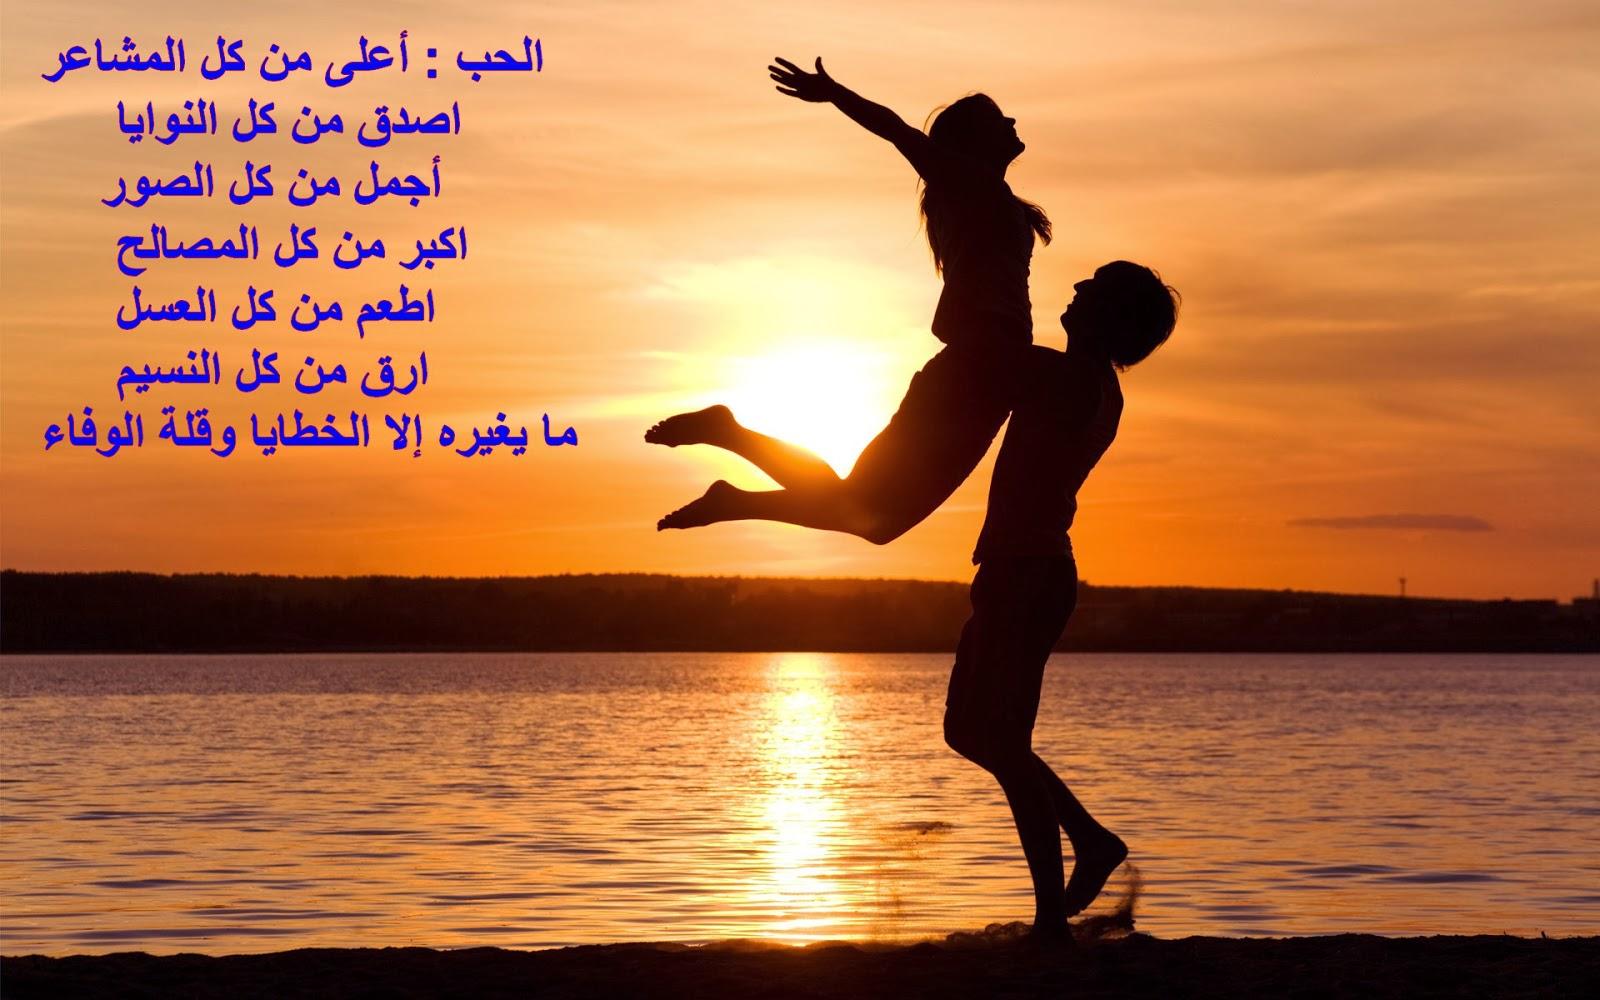 بالصور صور مكتوب عليها كلام رومانسي , اجمل صور مكتوب عليها كلام حب 3322 9